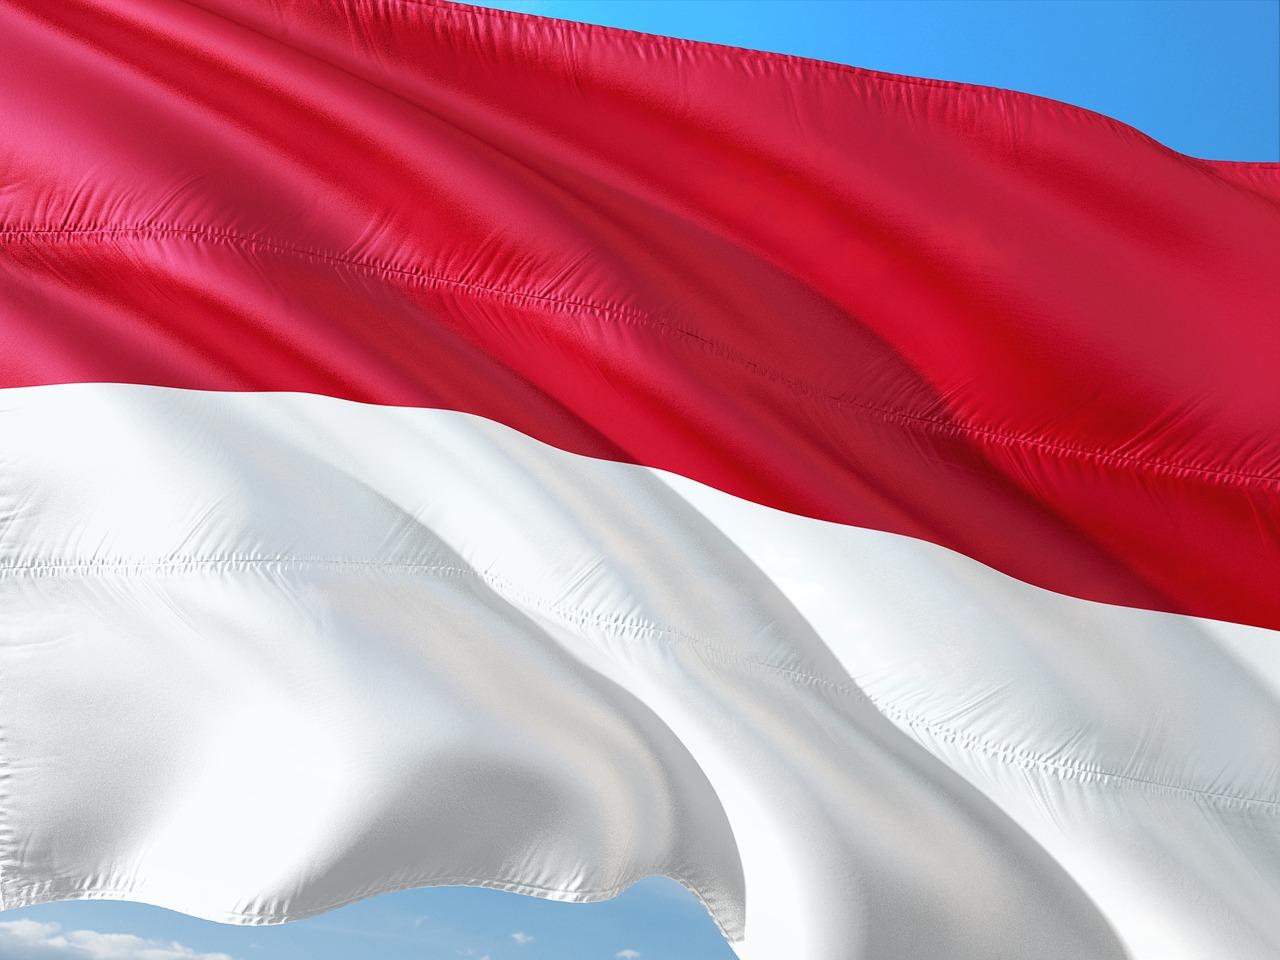 Lonceng Kematian Demokrasi di Indonesia